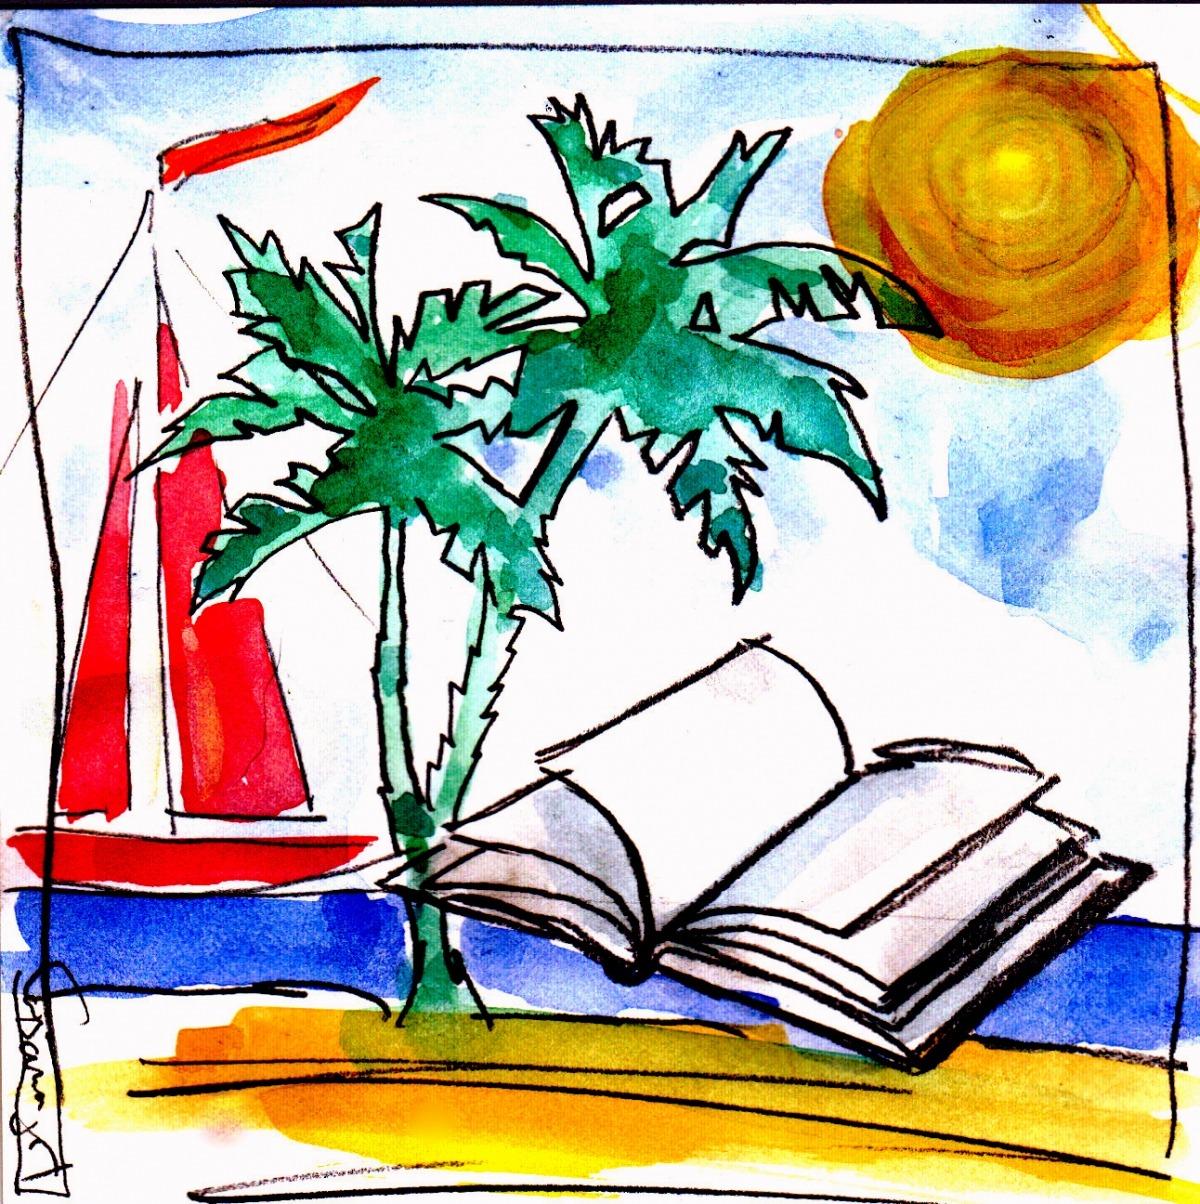 Jordi Casamajor ha il·lustrat els cinc relats amb motius estiuencs, llibre inclòs.